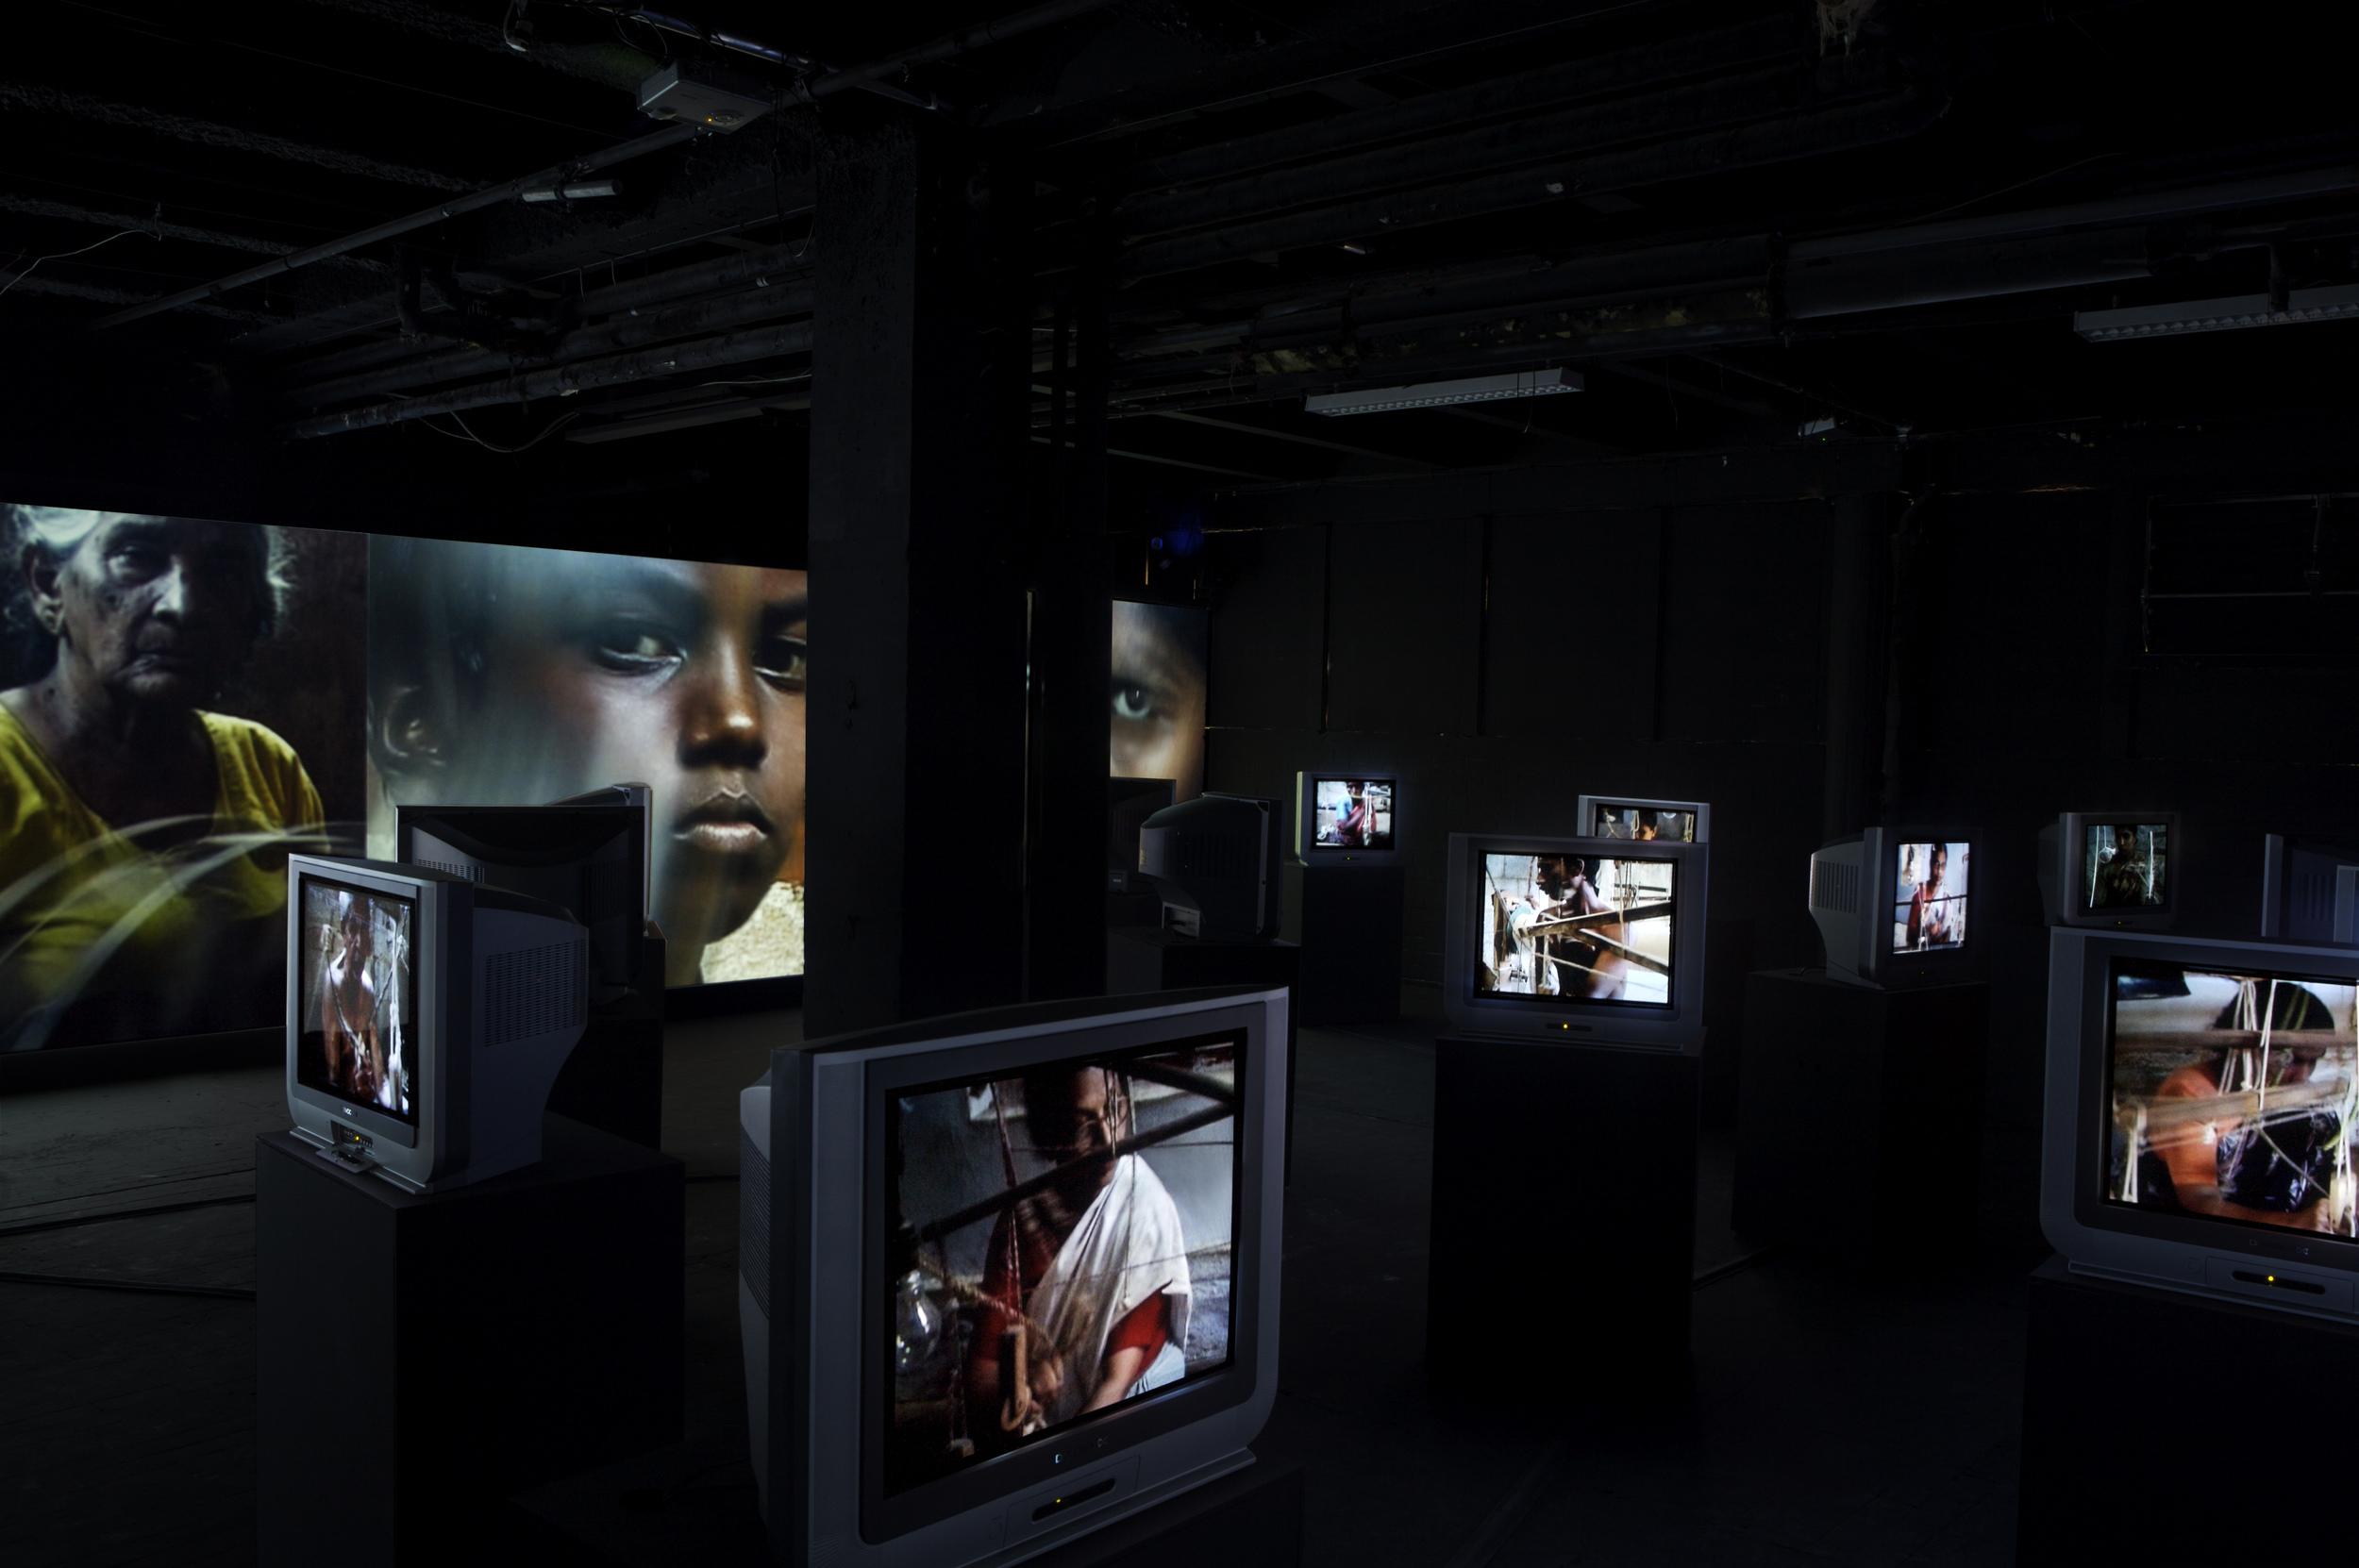 LA FABRIQUE (2006) VIDEOGRAMME,  25 TVS, 4 WALL PROJECTIONS, 29 SOUND SOUCES